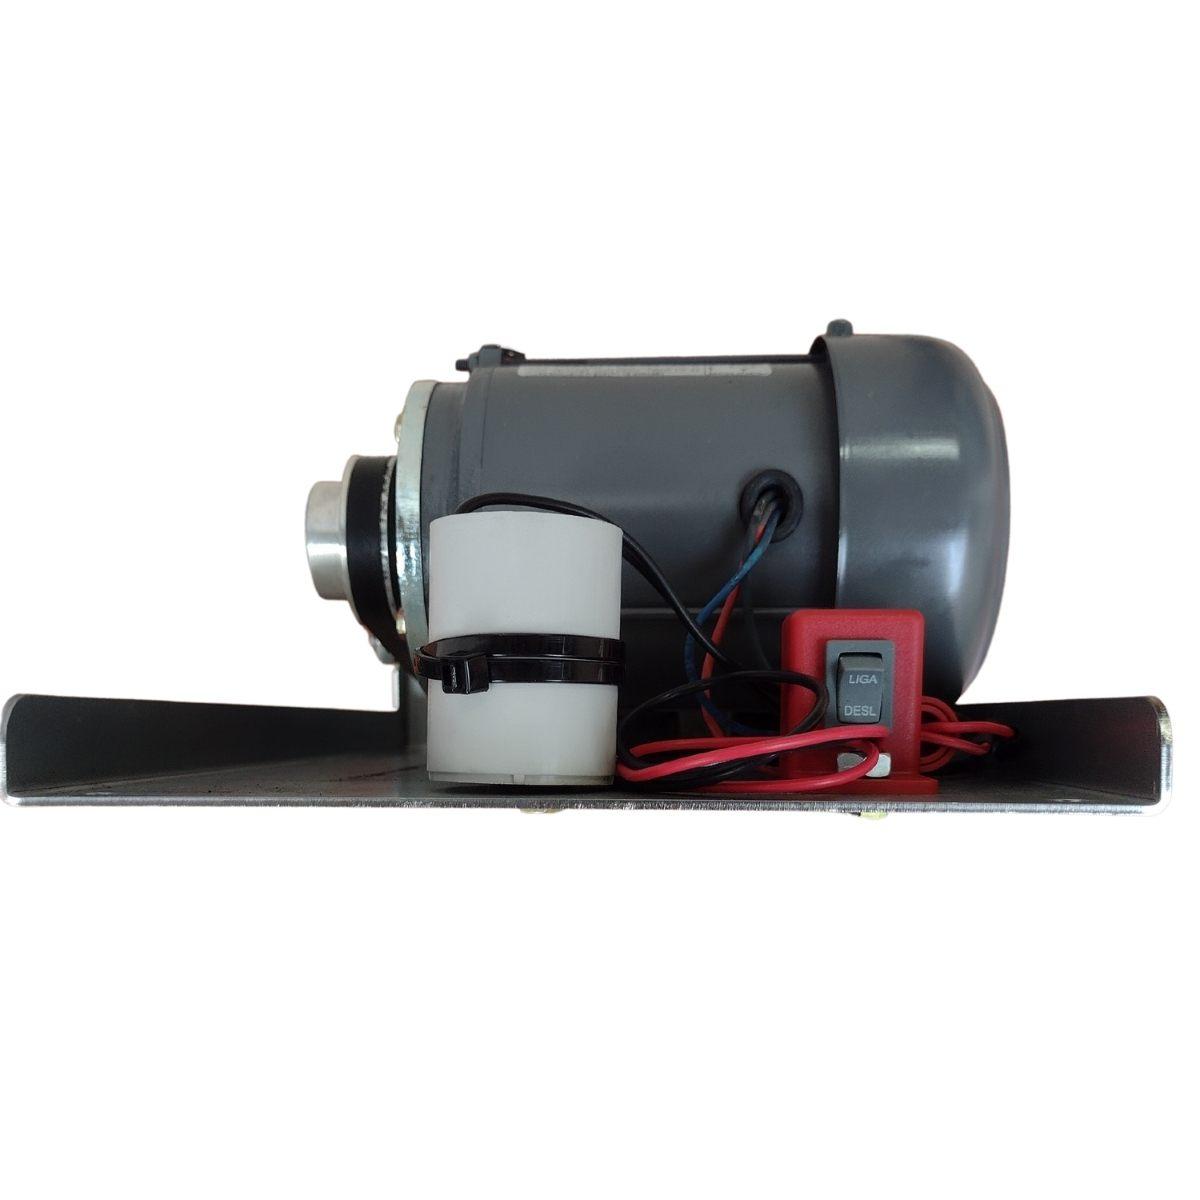 Motor Movimento Basculante 1/3 CV Bm10 com Calha de 1,35mts Brinde 2 Controles